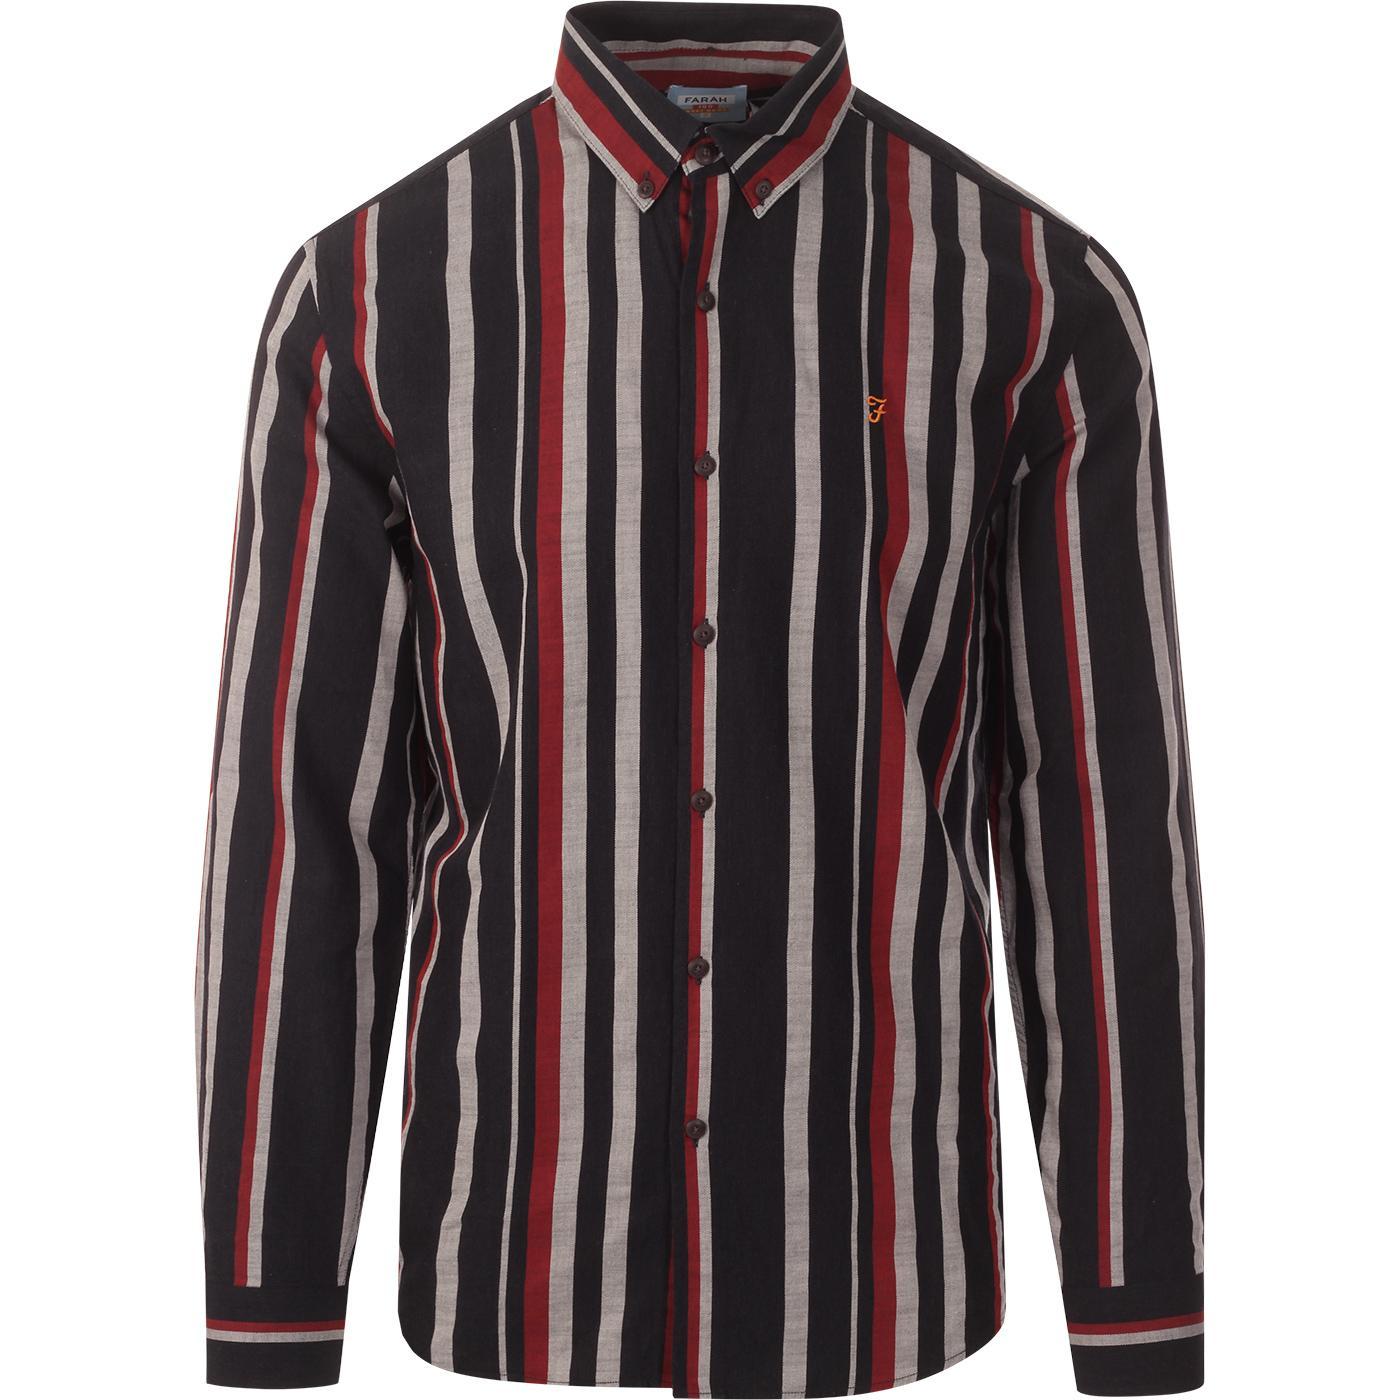 Mcpherson FARAH 100 Mod Multi Stripe Oxford Shirt